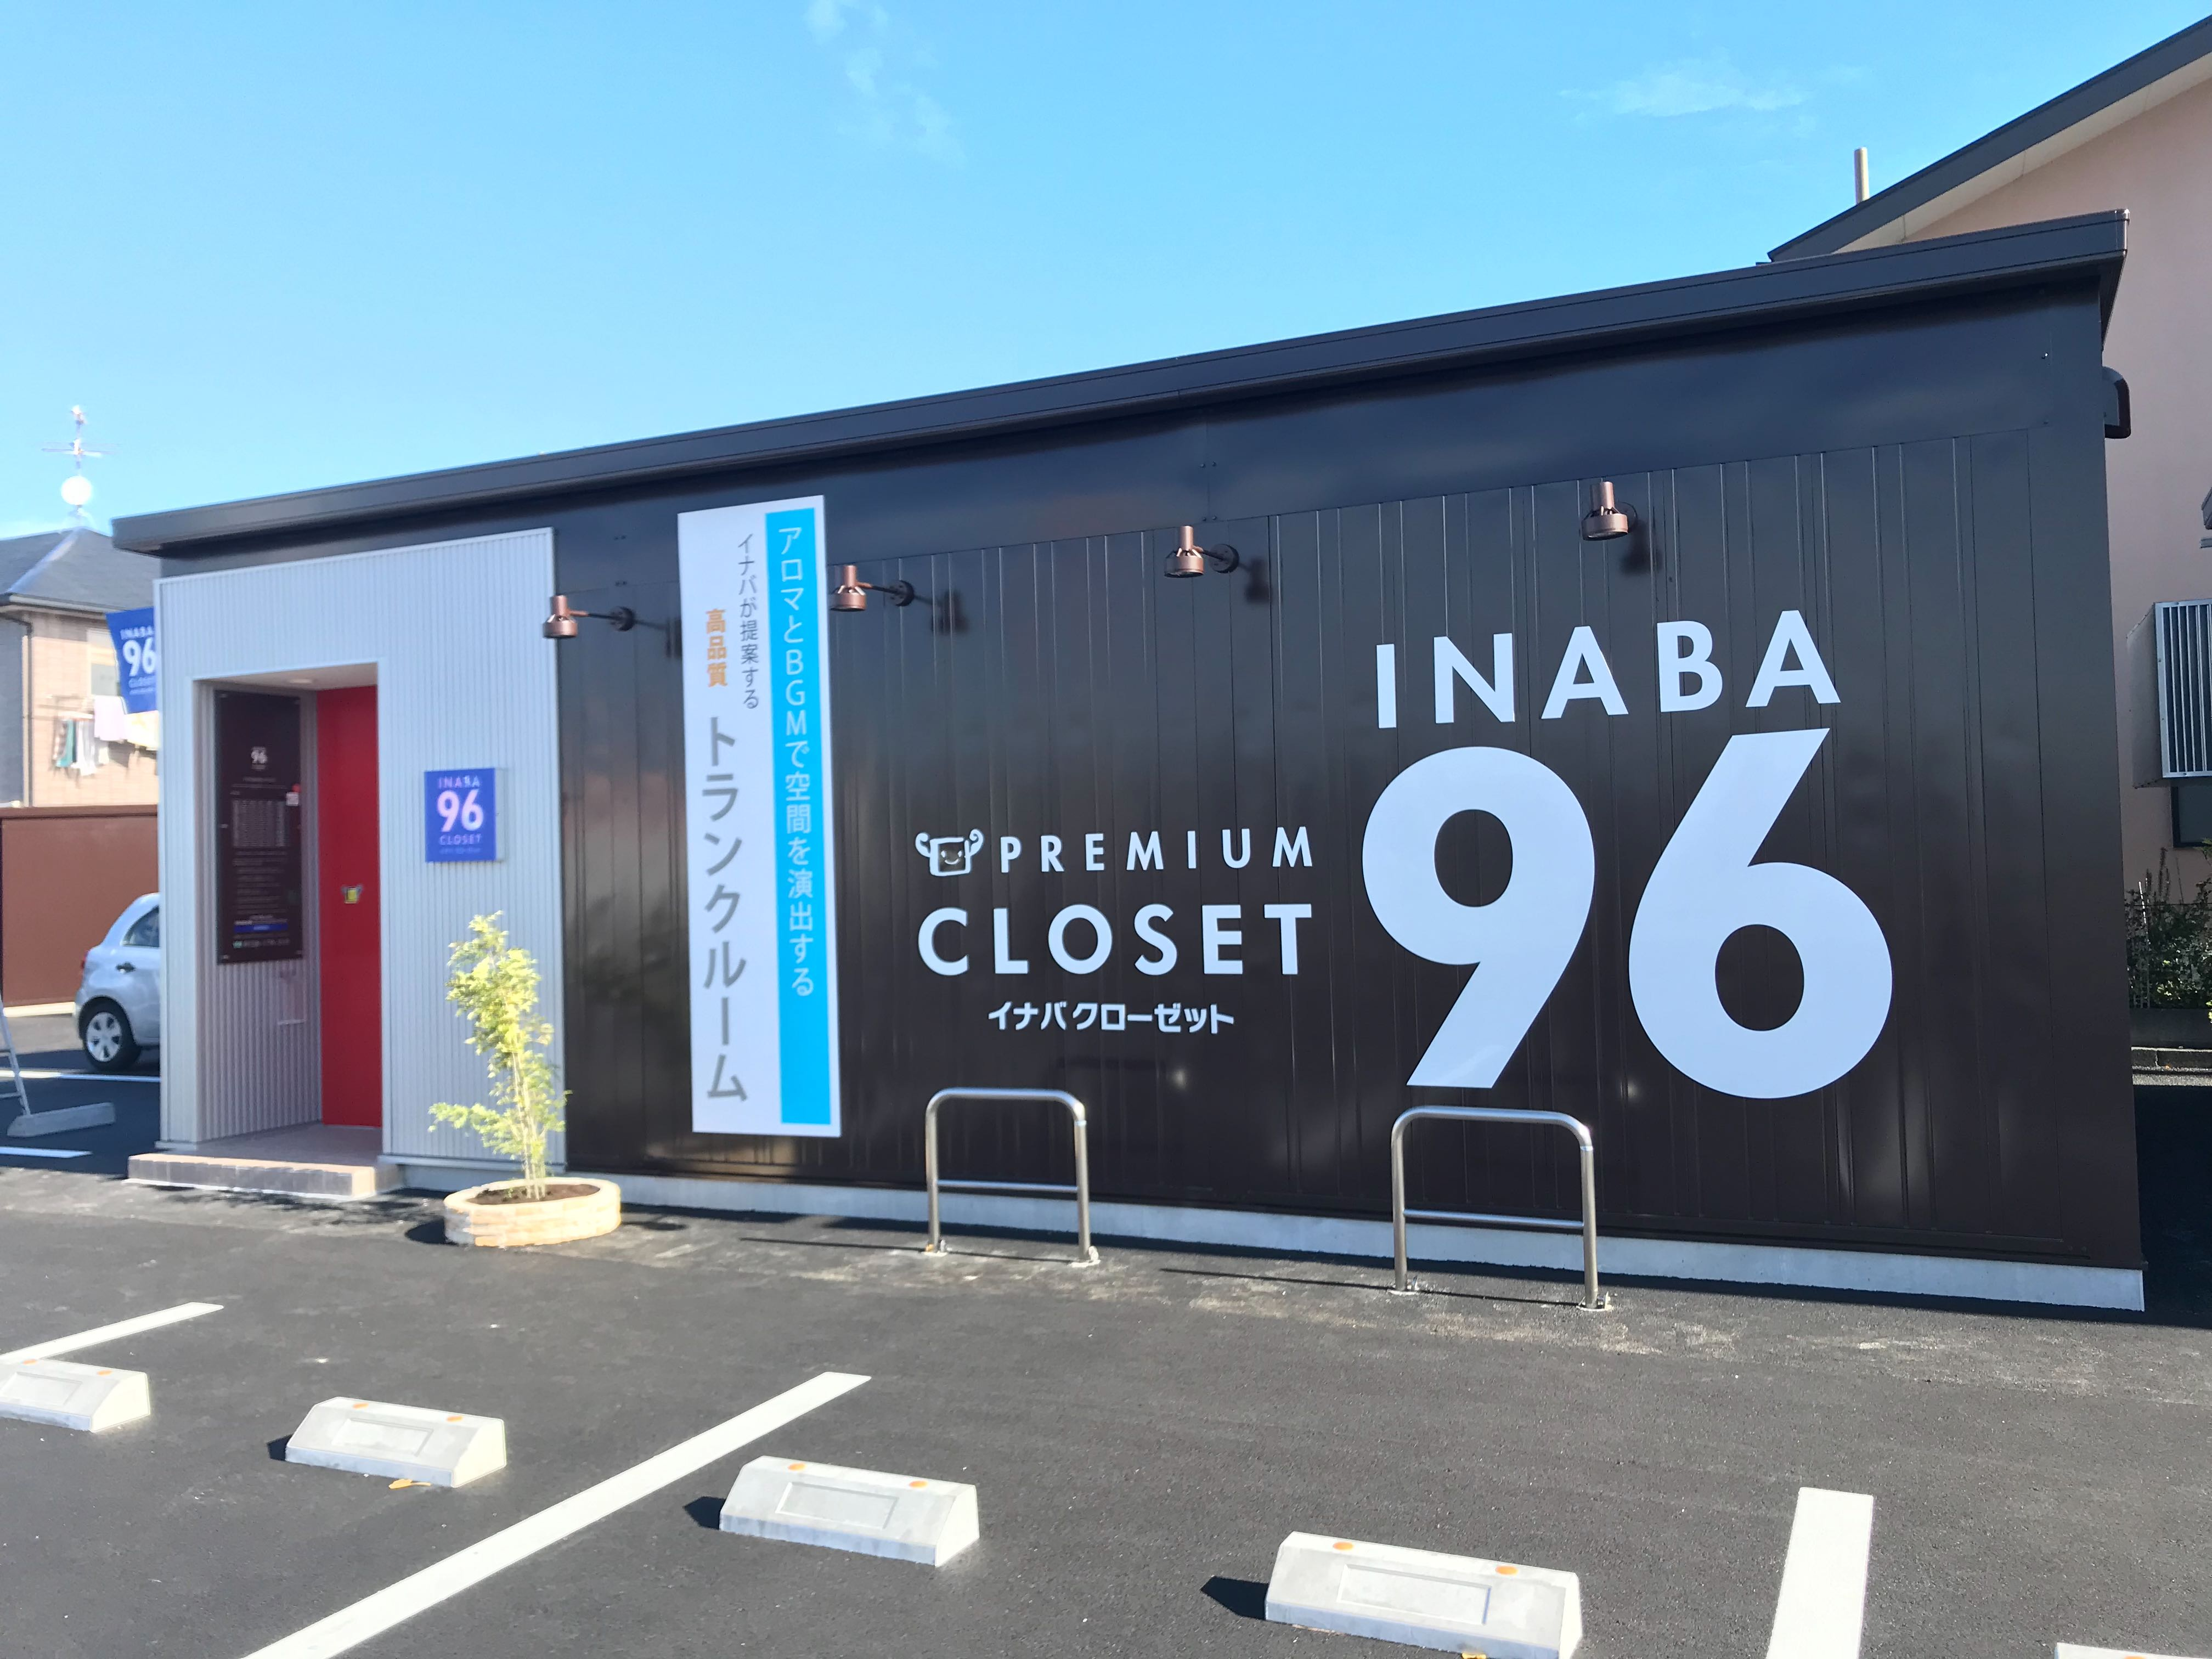 【12月上旬OPEN予定】INABA96焼津南店 焼津駅より3.7㎞